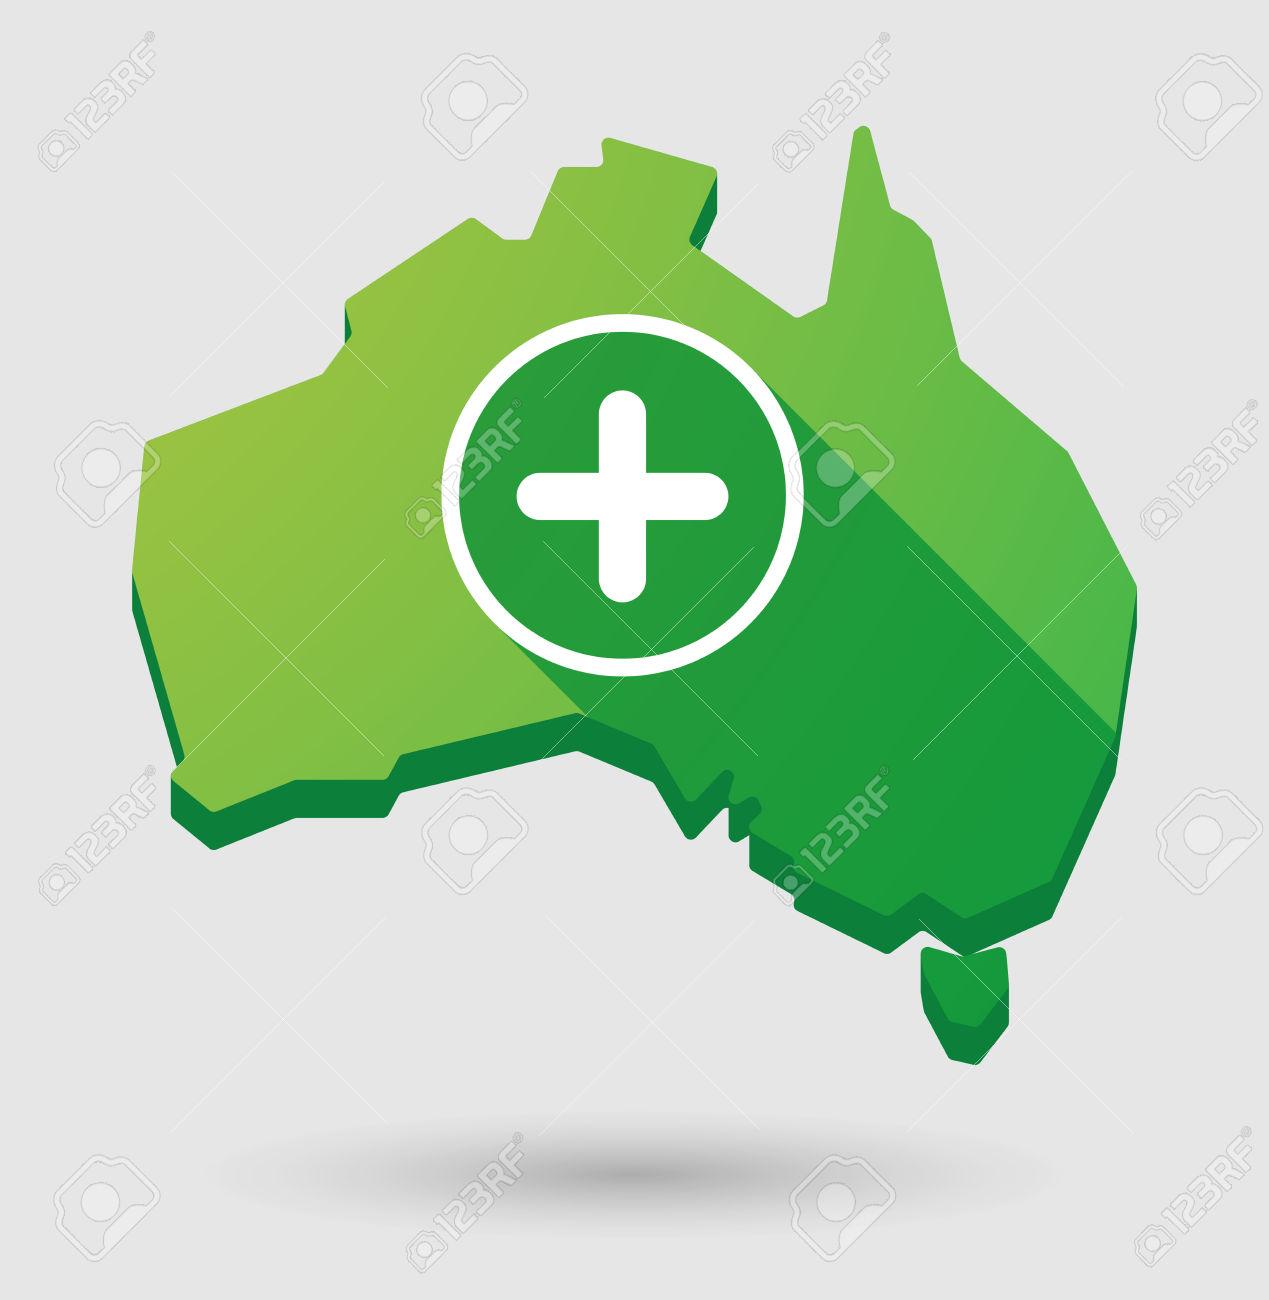 Illustrazione Di Una Mappa Australia Con Un Segno Somma Clipart.